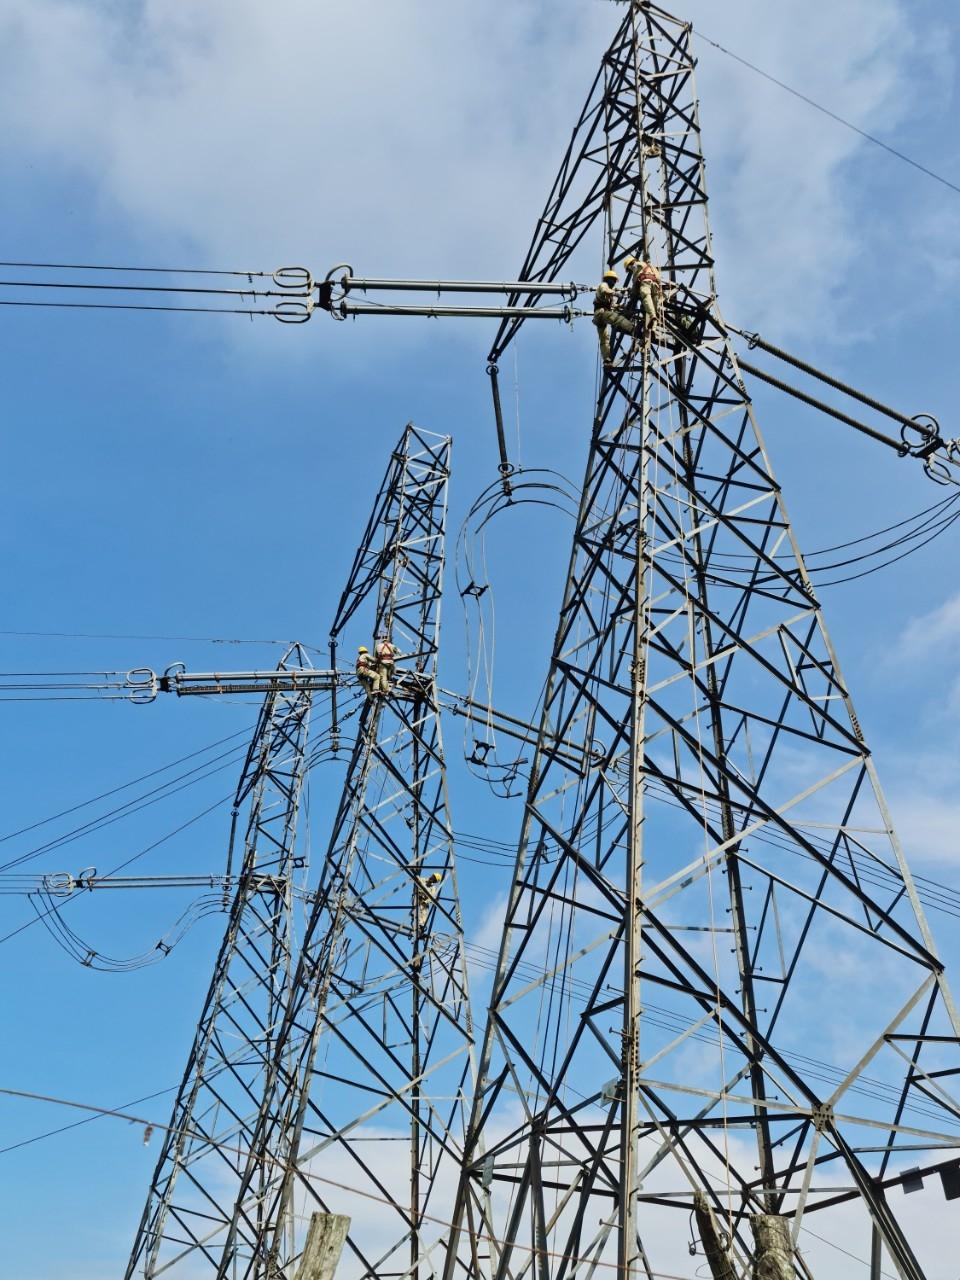 Nhiều khó khăn trong triển khai các dự án truyền tải điện quốc gia